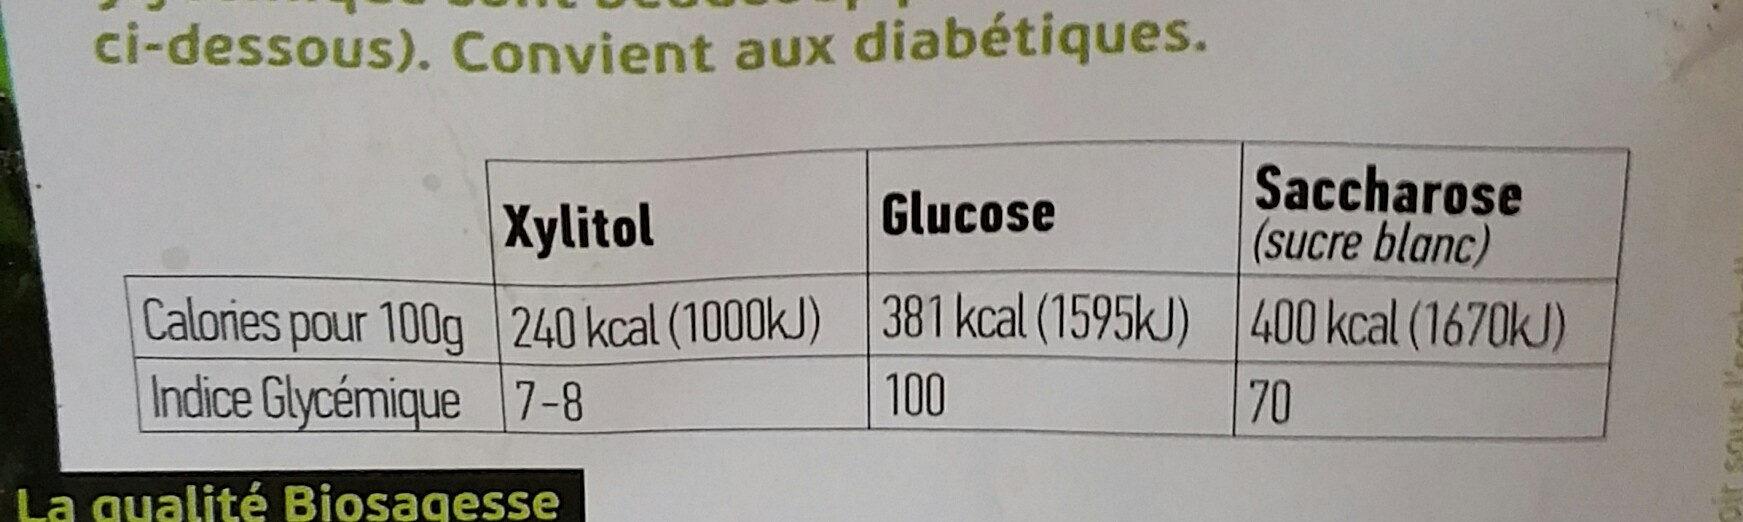 Xylitol En Poudre Sucre De Bouleau - Informations nutritionnelles - fr